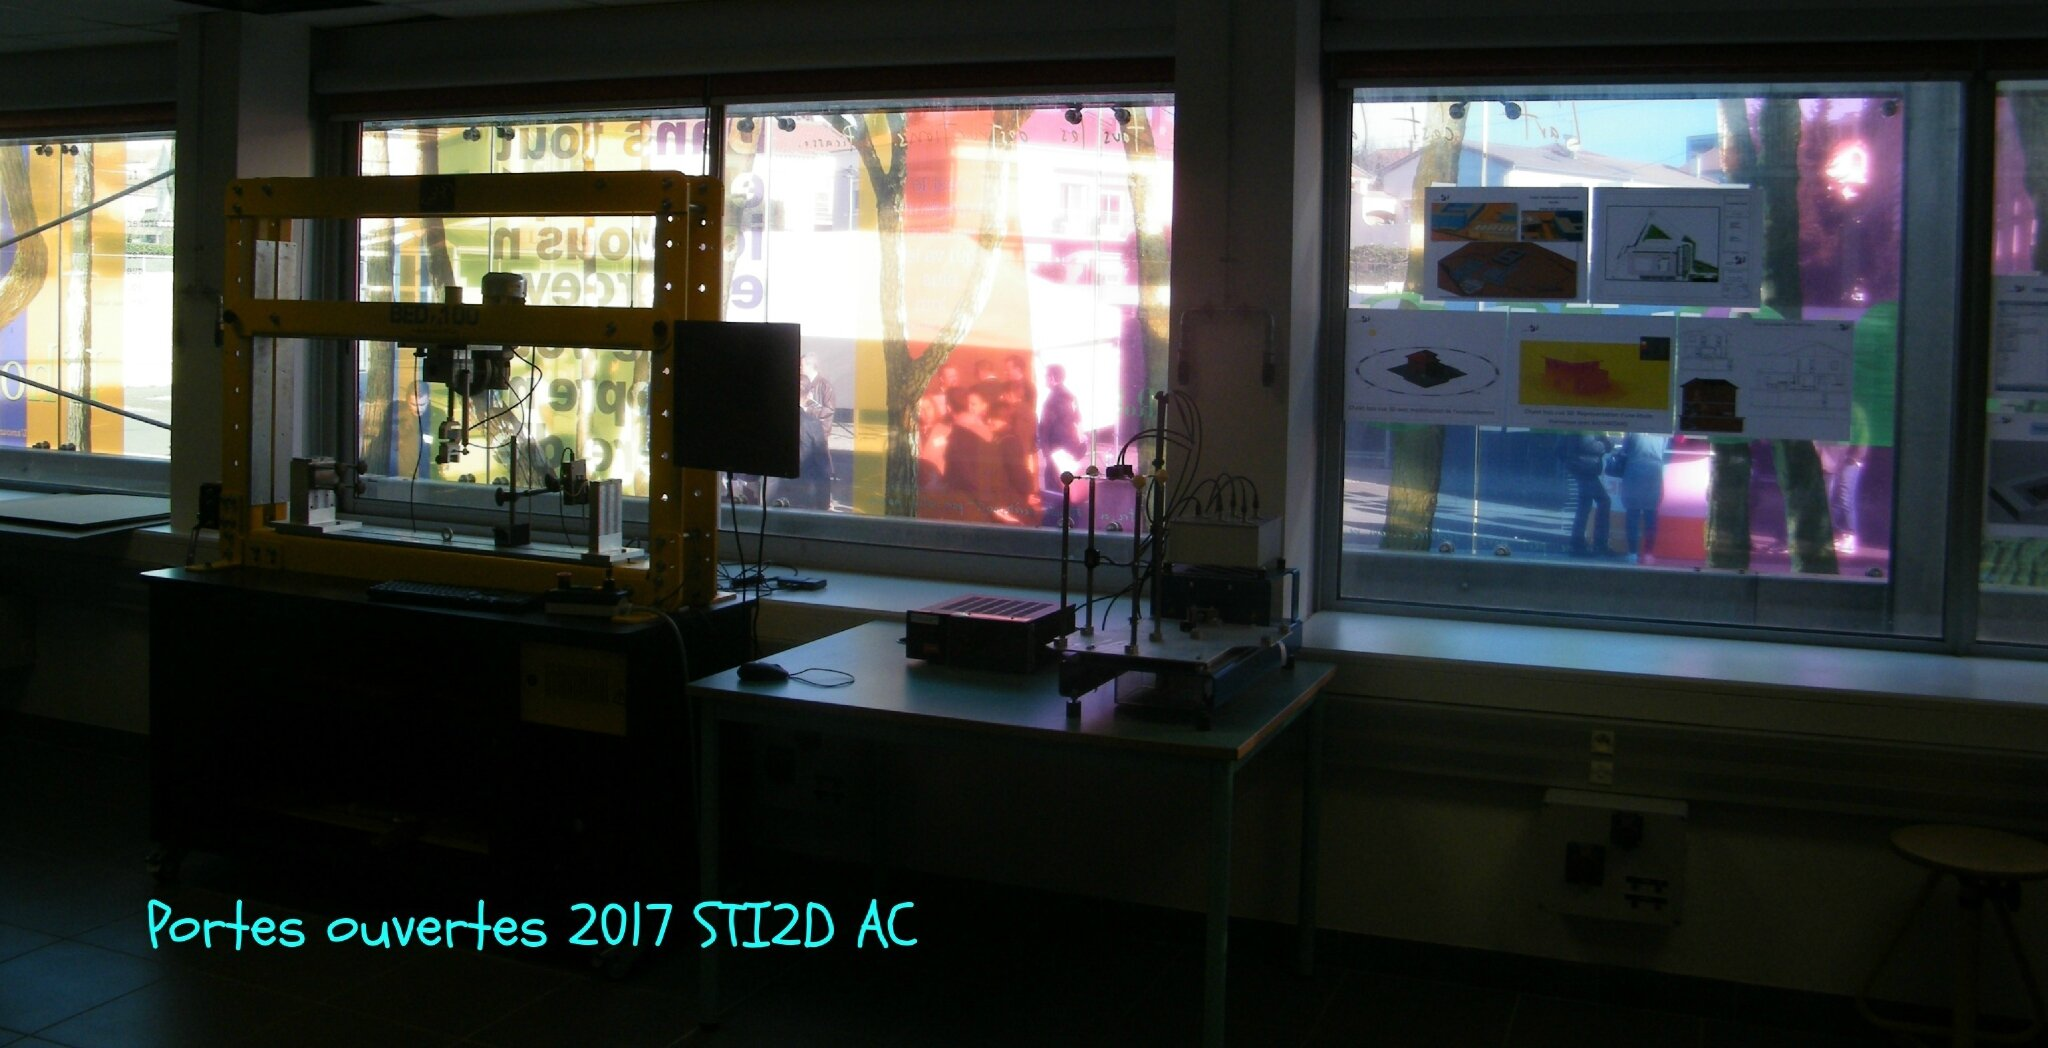 JPO 11-03-17 - 16 sti2d AC